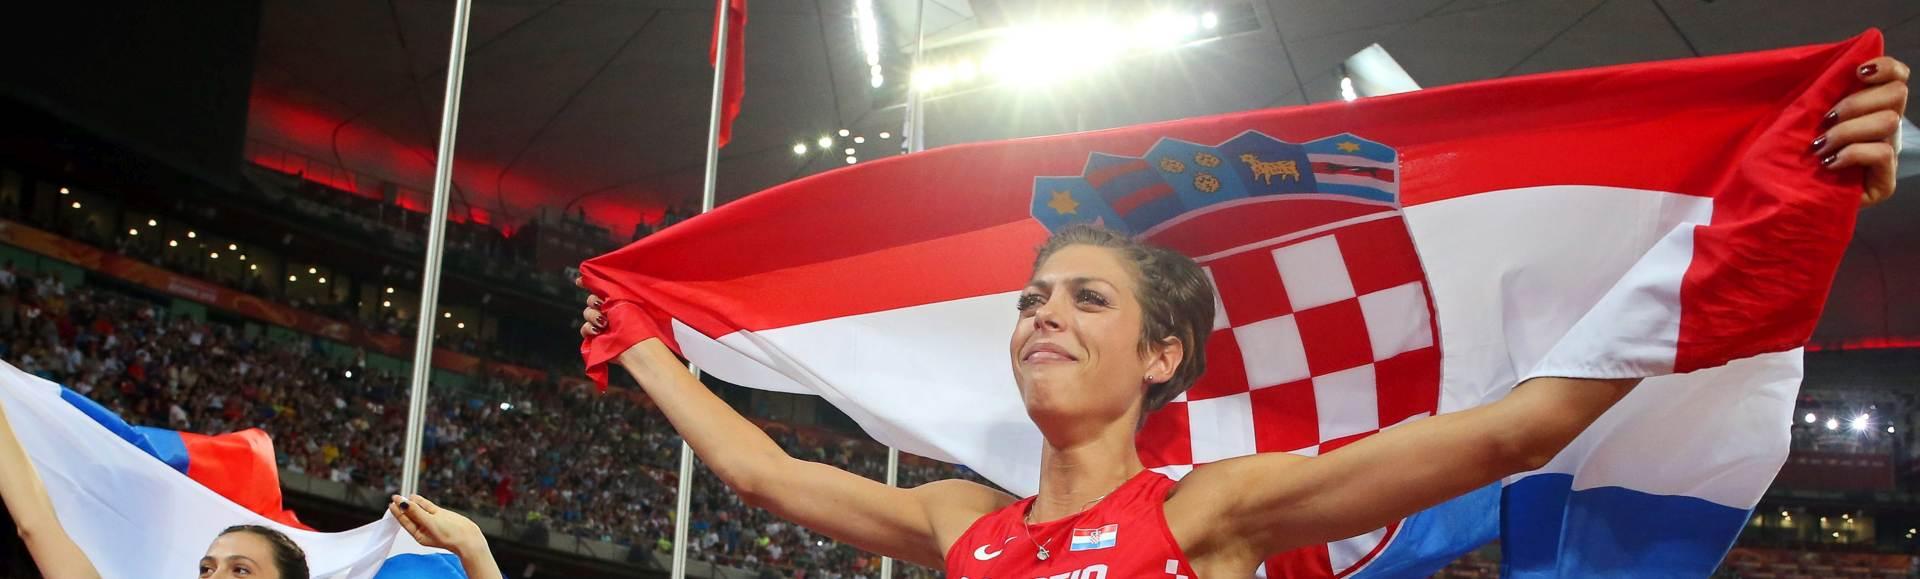 FOTO Blanka Vlašić: Na Olimpijadi idem po zlato